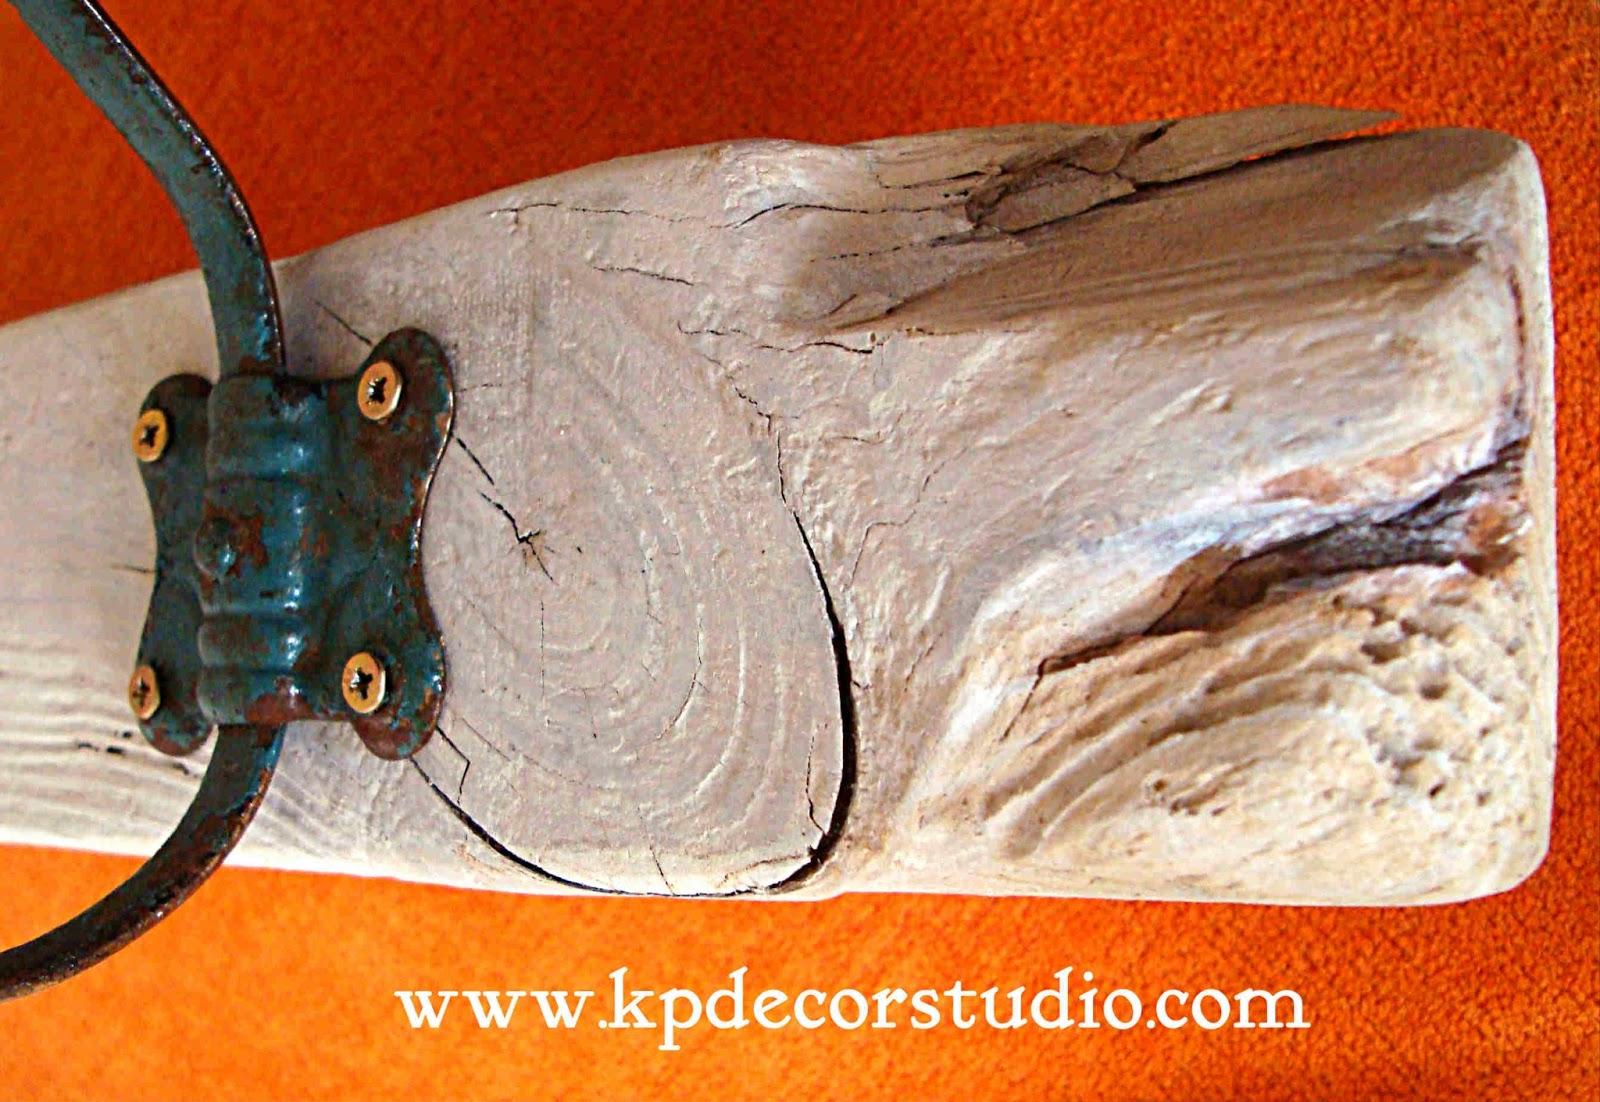 Kp tienda vintage online perchero artesanal de madera con - Colgadores de pared de madera ...